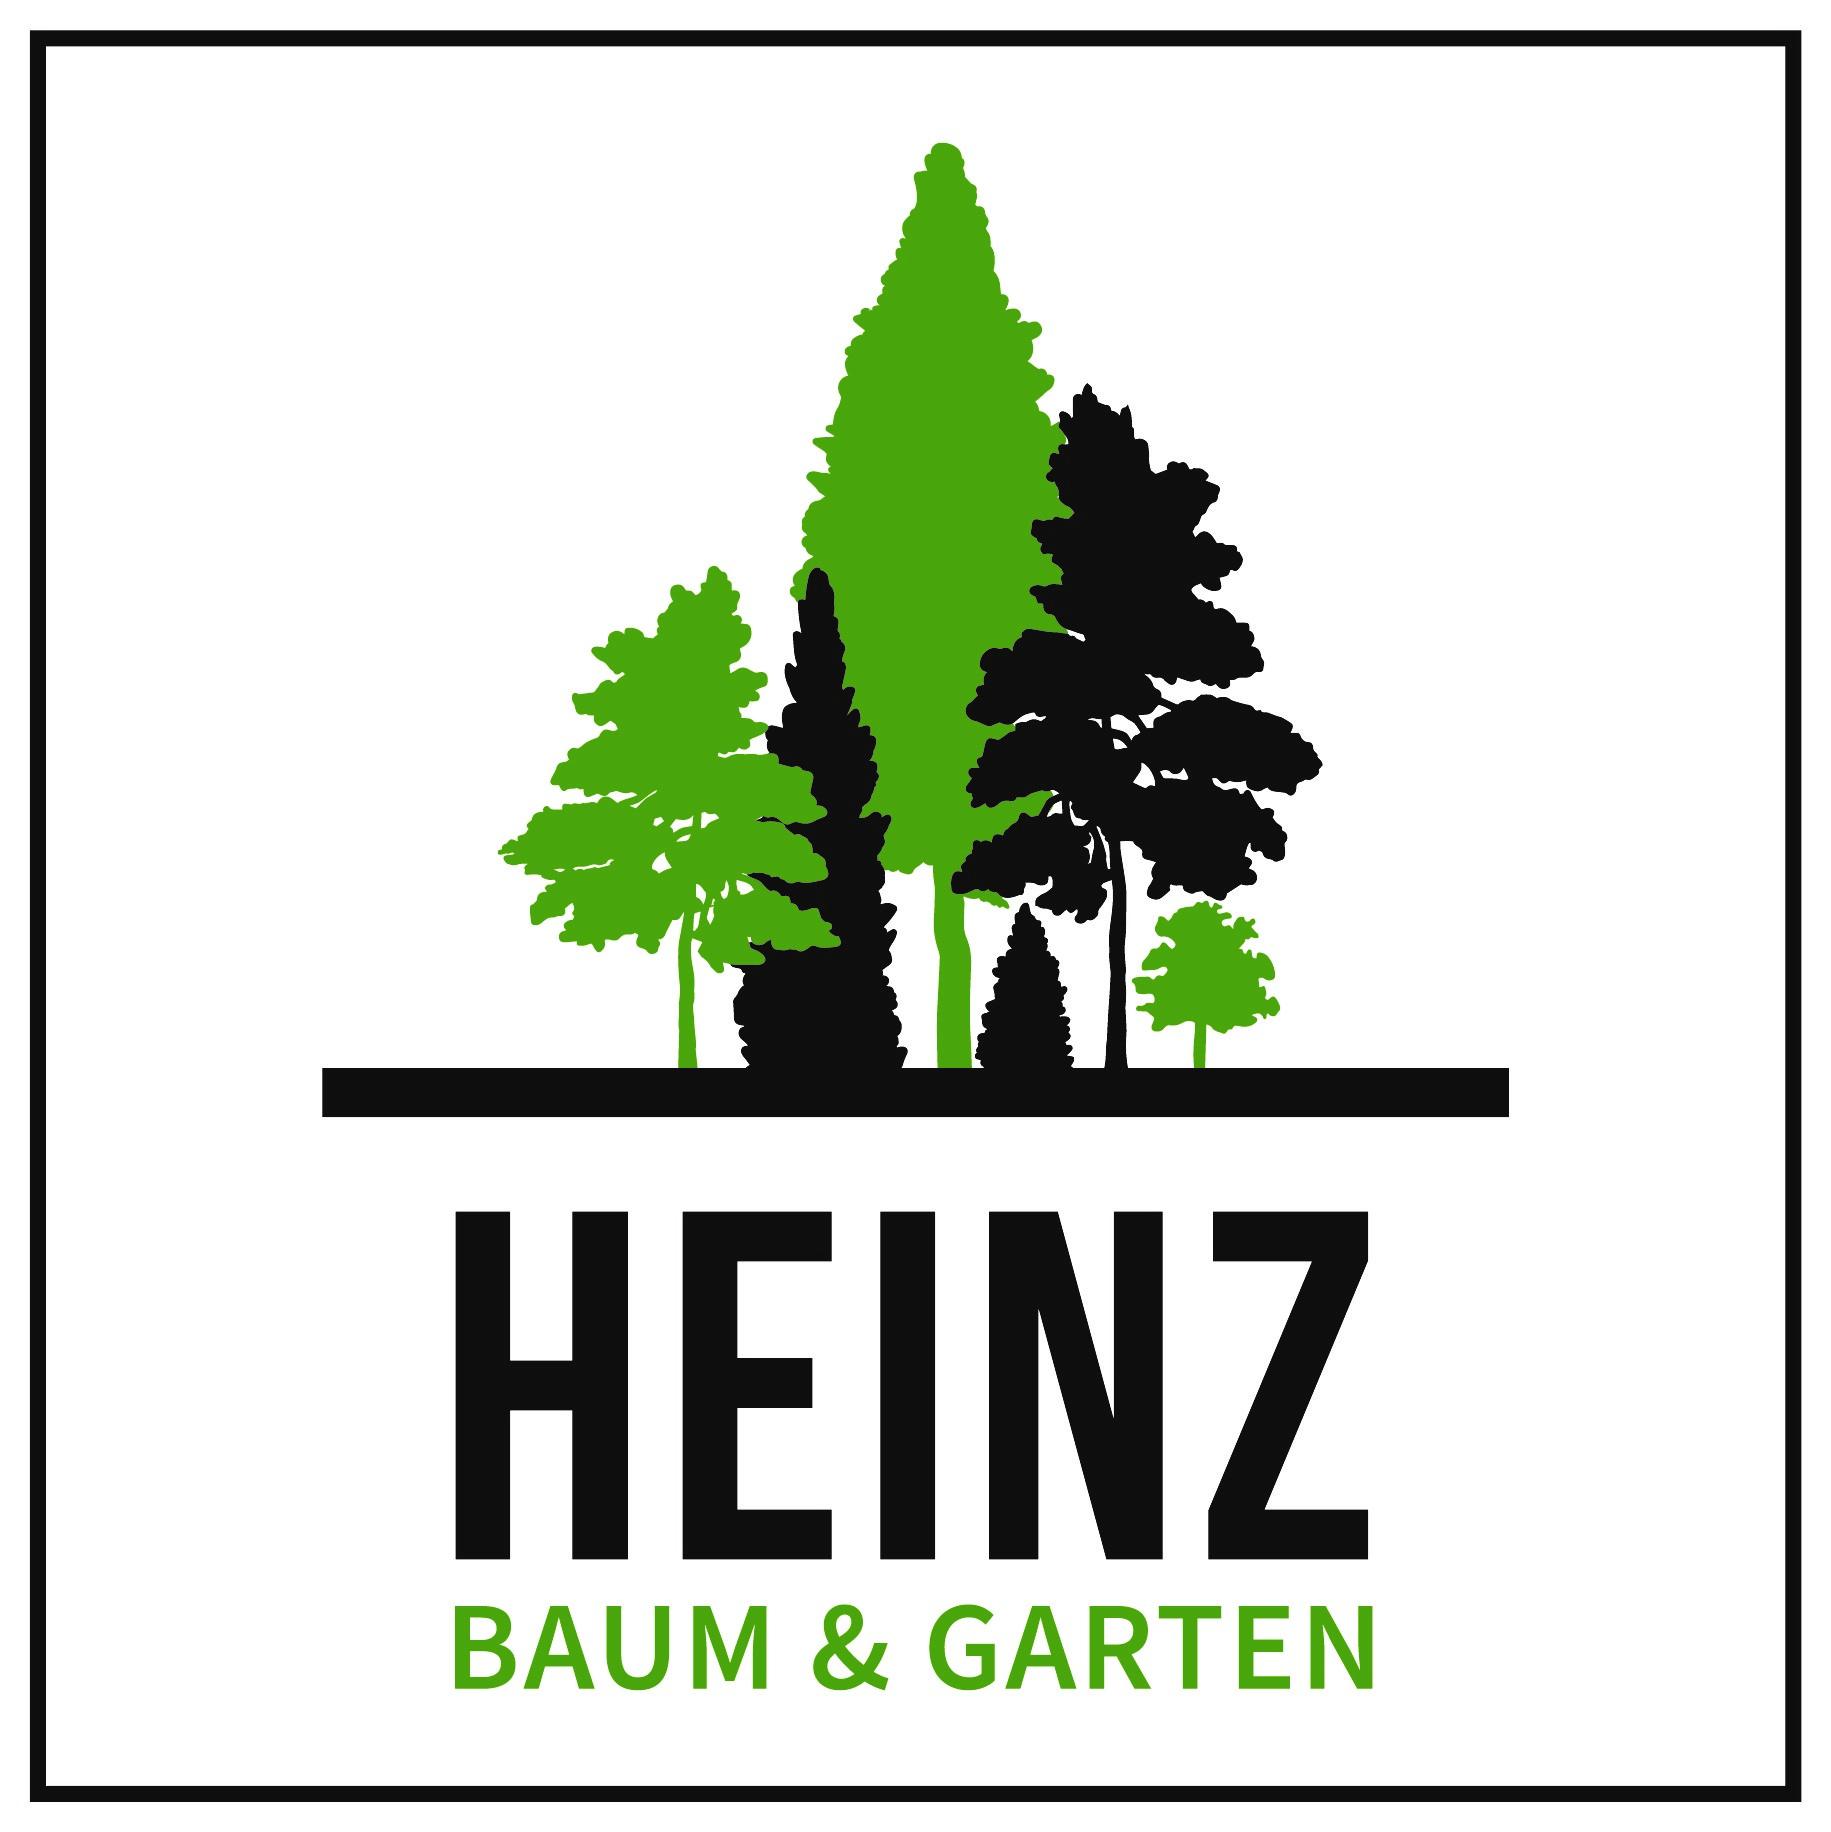 Heinz BAUM & GARTEN - Mitglied in Freudenberg WIRKT e.V.